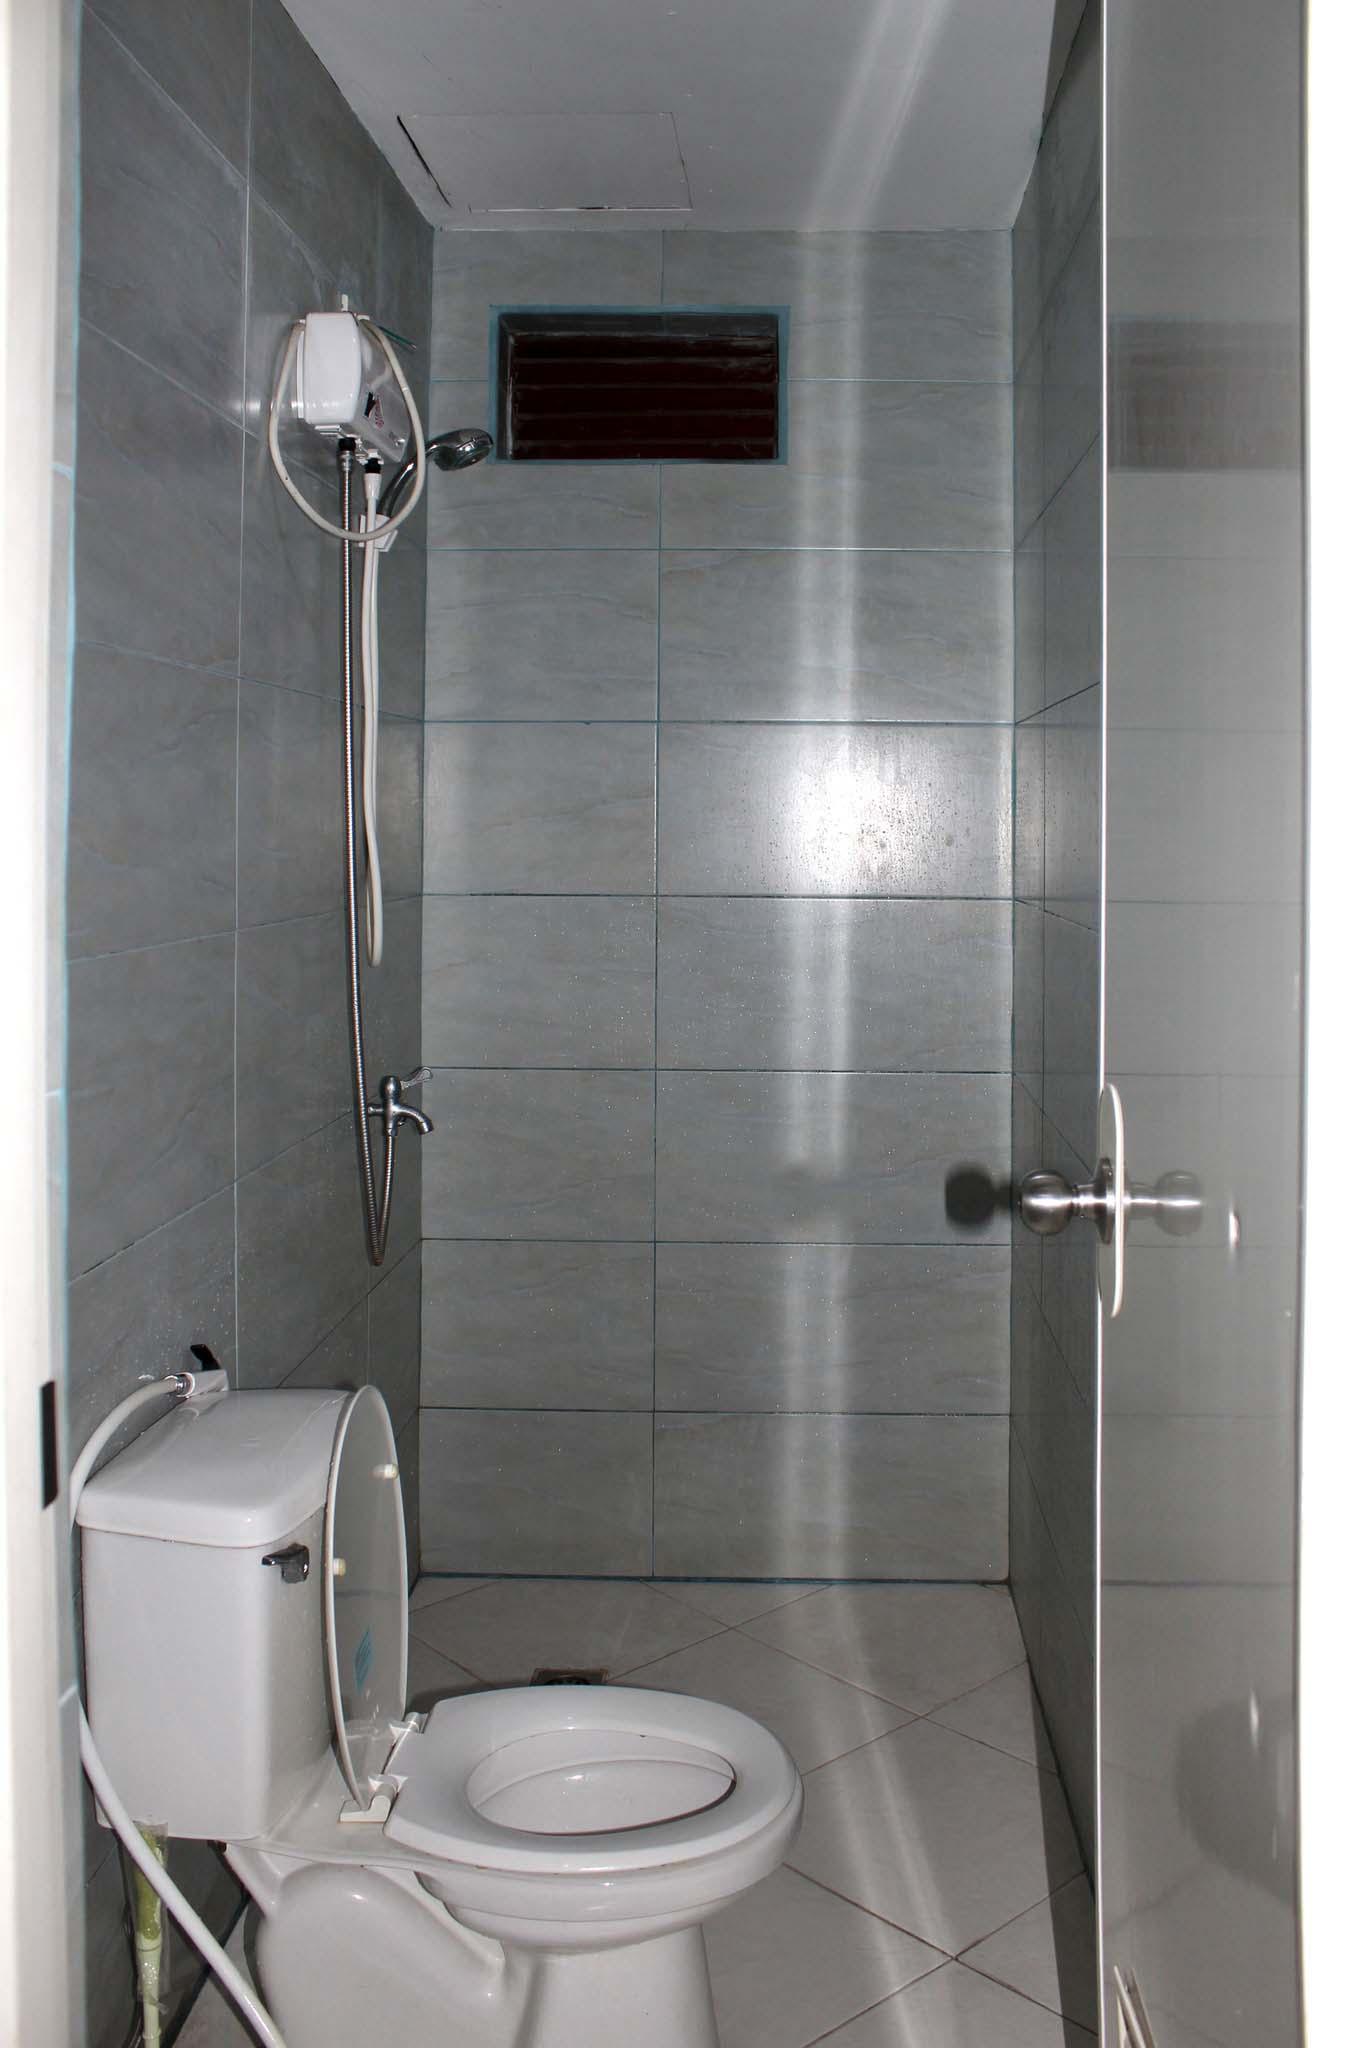 Rooms498- Premium Comfortroom